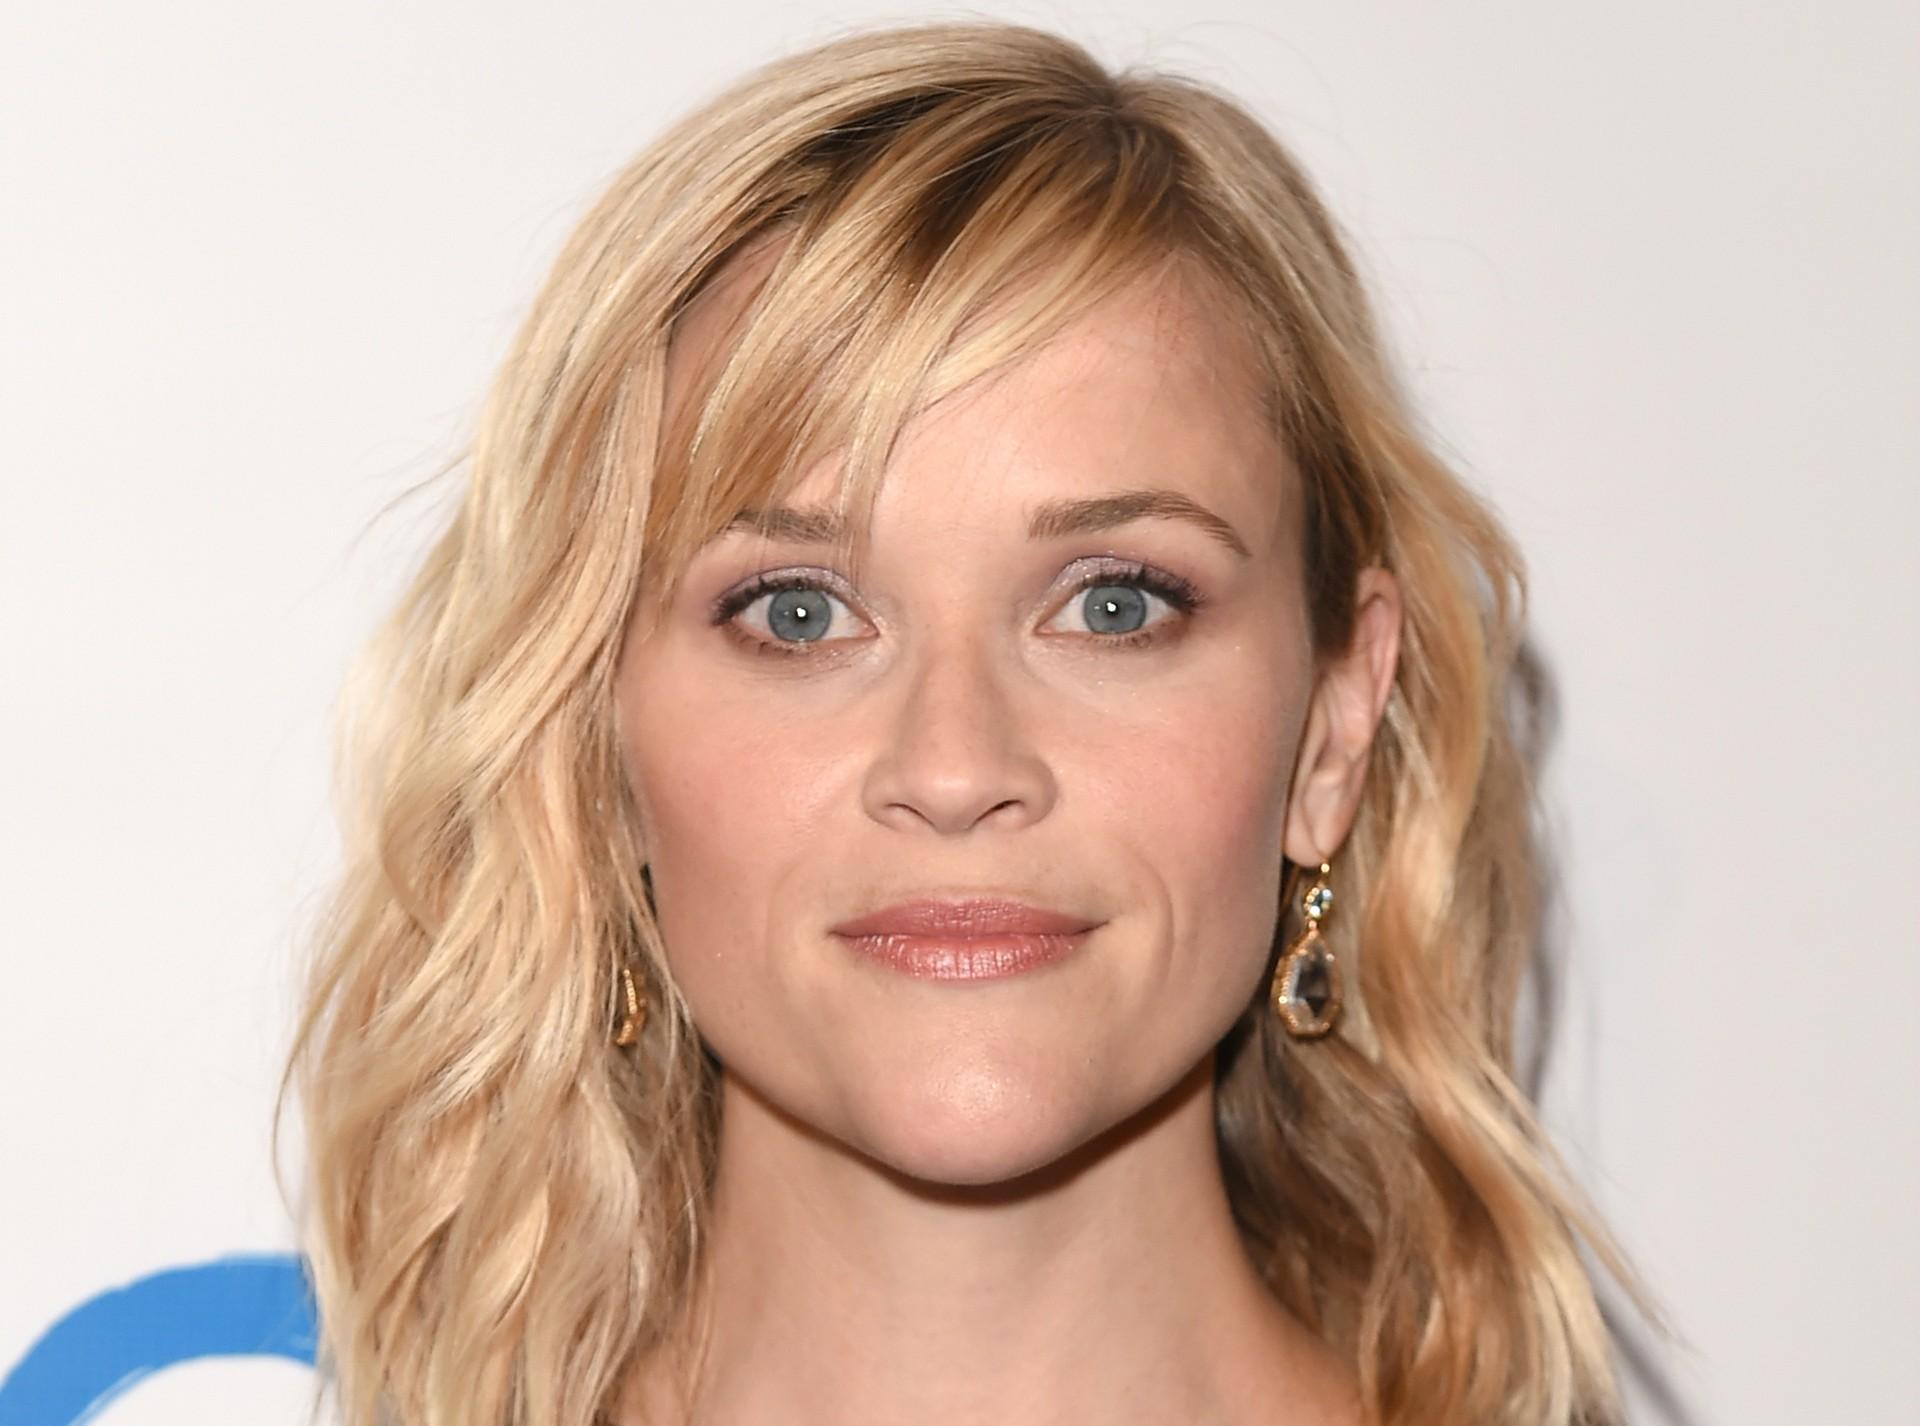 """Certa vez, o marido de Reese Witherspoon foi detido por dirigir alcoolizado. Na ocasião, a atriz, também um tanto """"alta"""", tentou pressionar os policiais com uma frase infame, sem saber que estava sendo filmada: """"Você sabe quem eu sou?"""". O filme veio a público e a atriz teve de se retratar perante todos. """"É completamente inaceitável. Pedimos muitas desculpas, estamos muito envergonhados. Com certeza não vai acontecer nunca mais."""" (Foto: Getty Images)"""